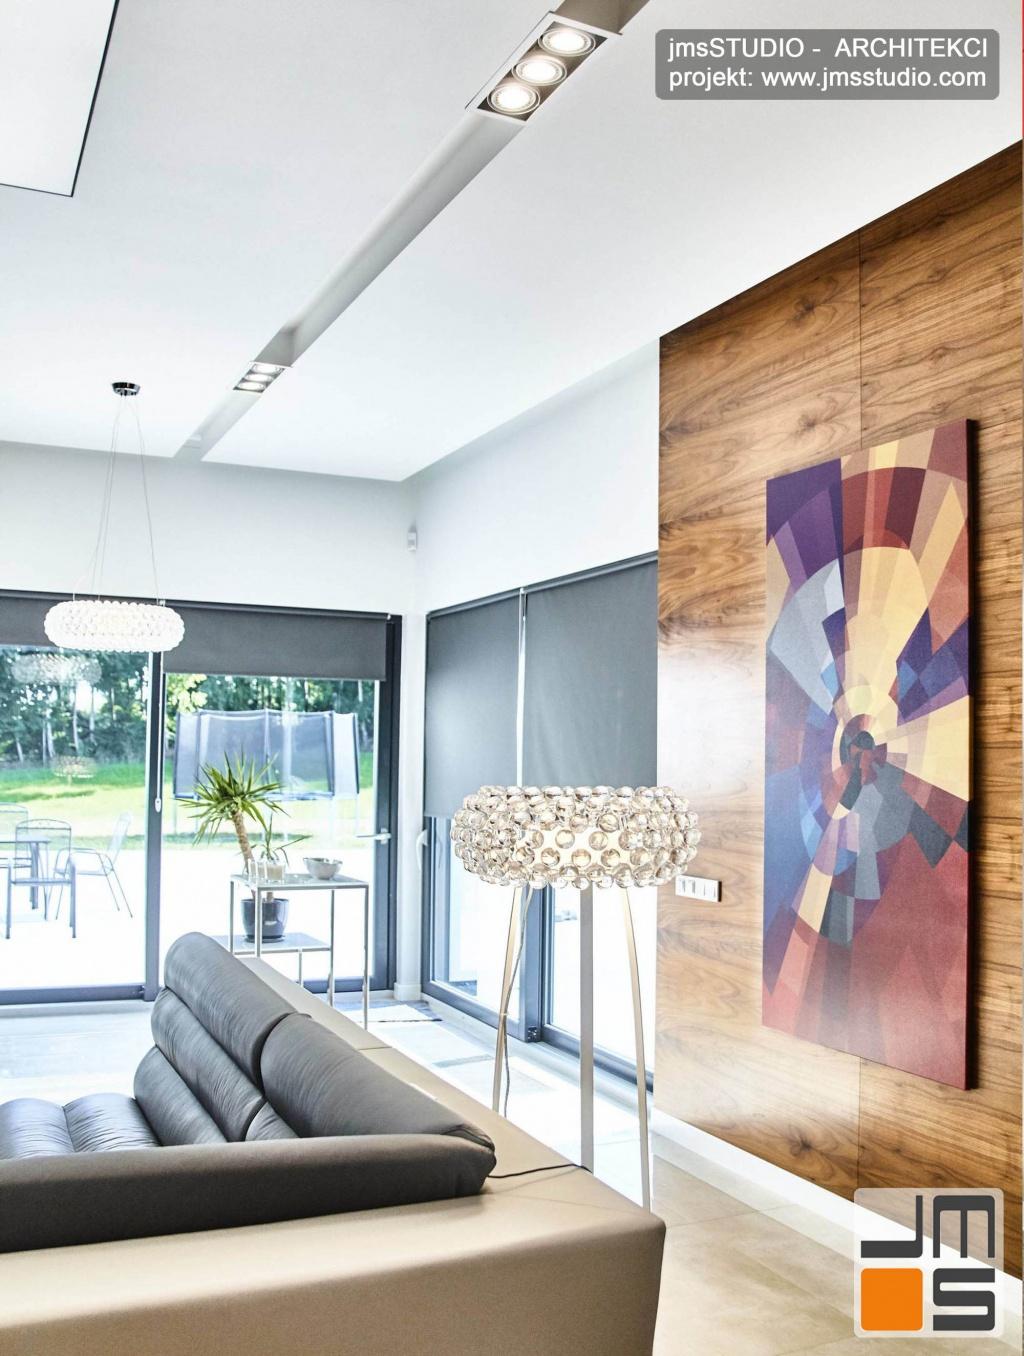 2018 06 duże obrazy współczesne oraz kryształowe lampy caboch są bardzo ważnymi dodatkami w  projekcie wnętrz dużego salonu w rezydencji pod Poznaniem